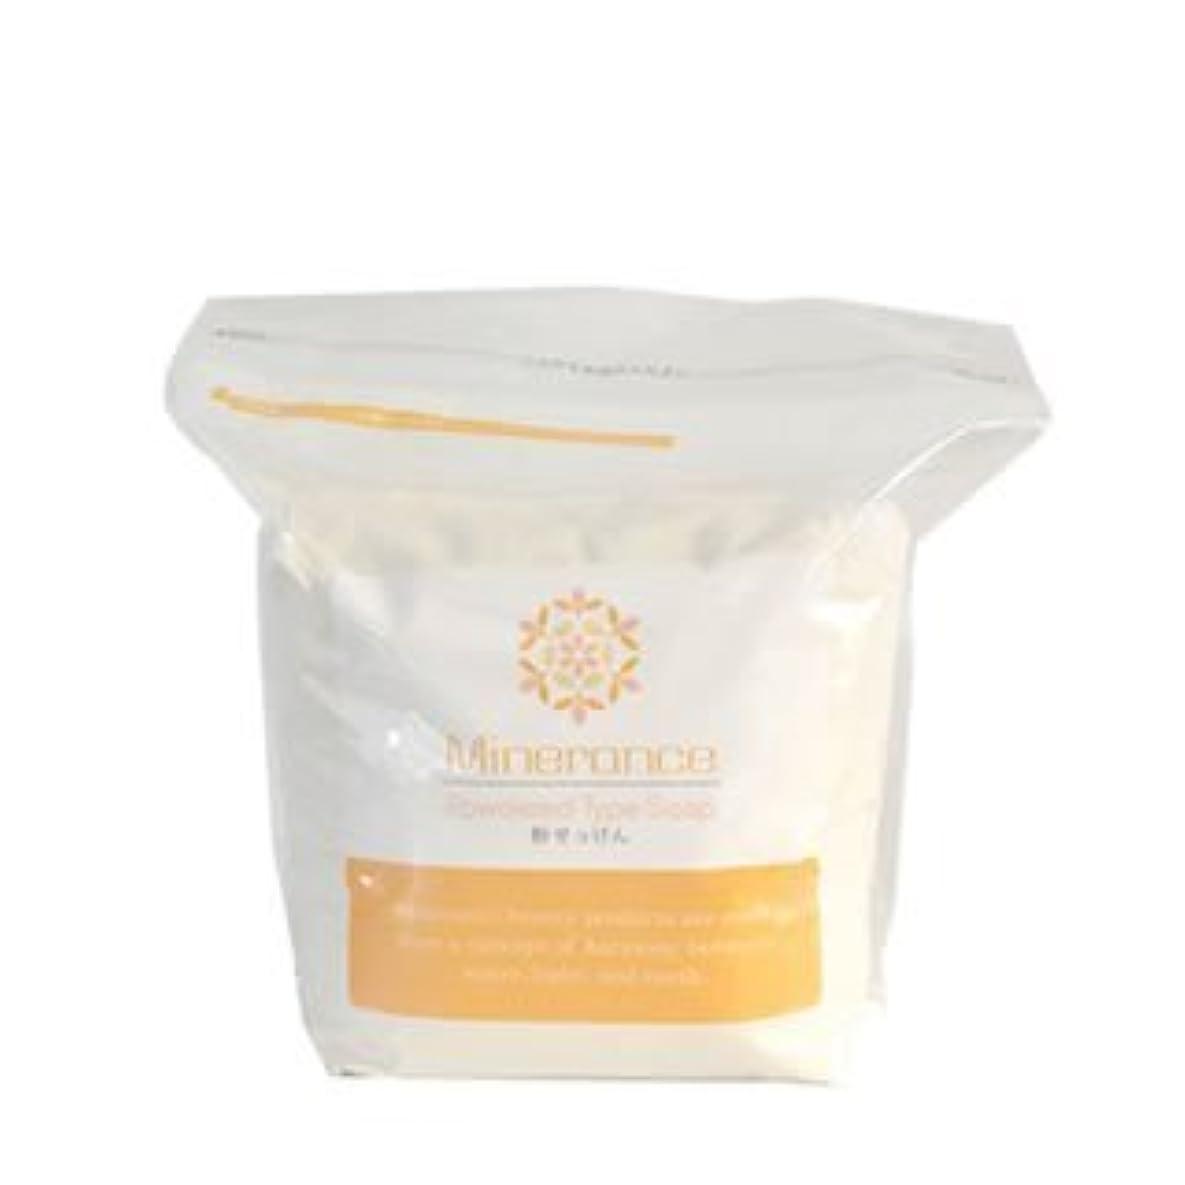 決めますひらめき楽しむミネランス 粉石鹸 1kg 詰め替え用